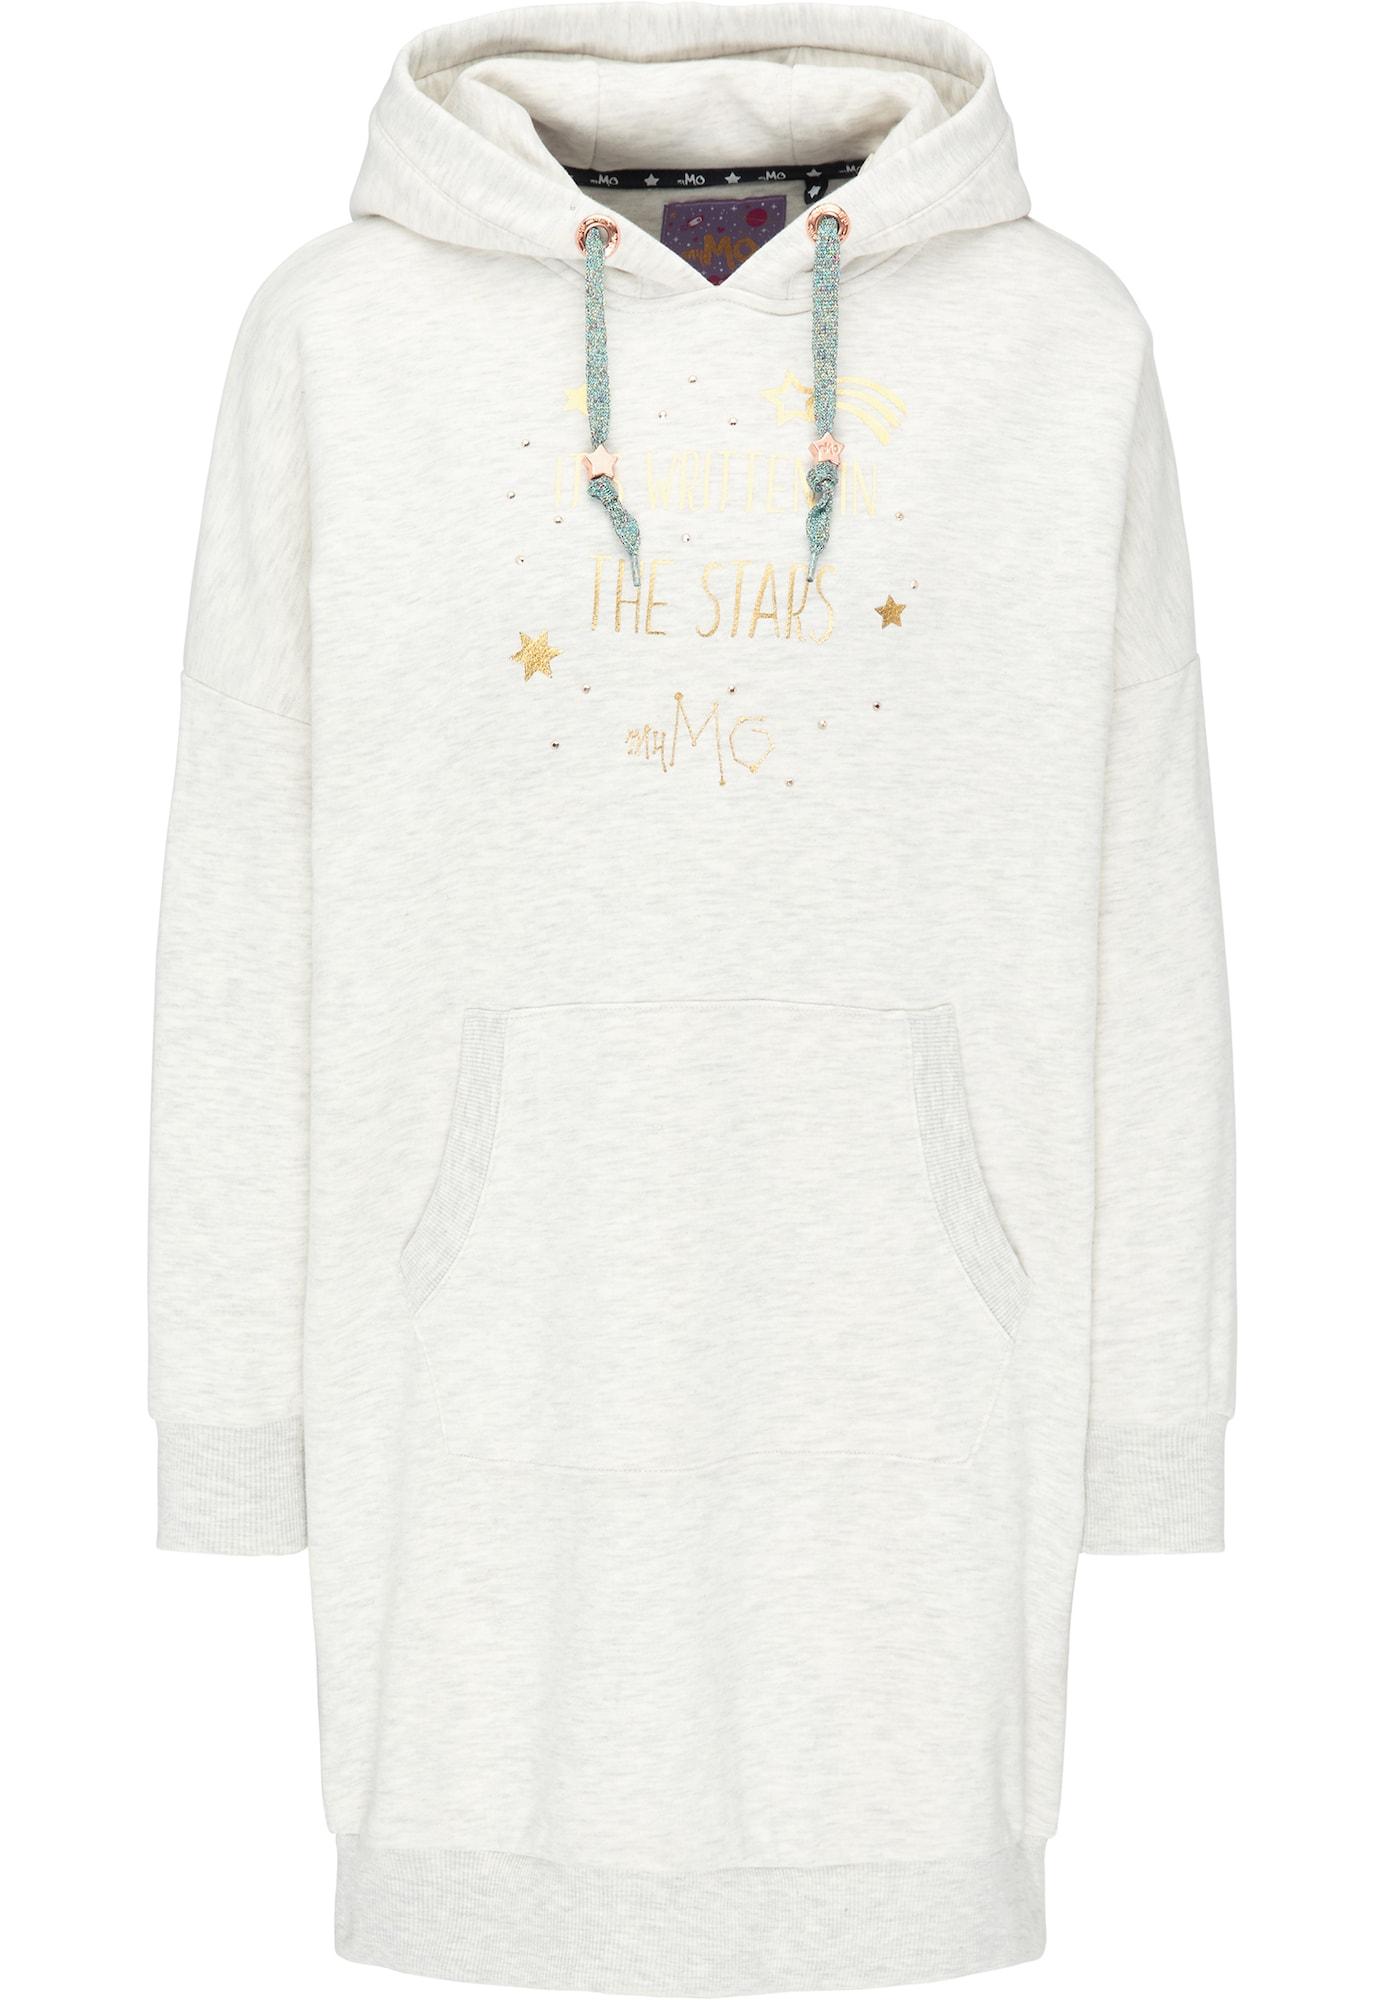 Sweatshirtkleid | Bekleidung > Kleider > Sweatkleider | MYMO